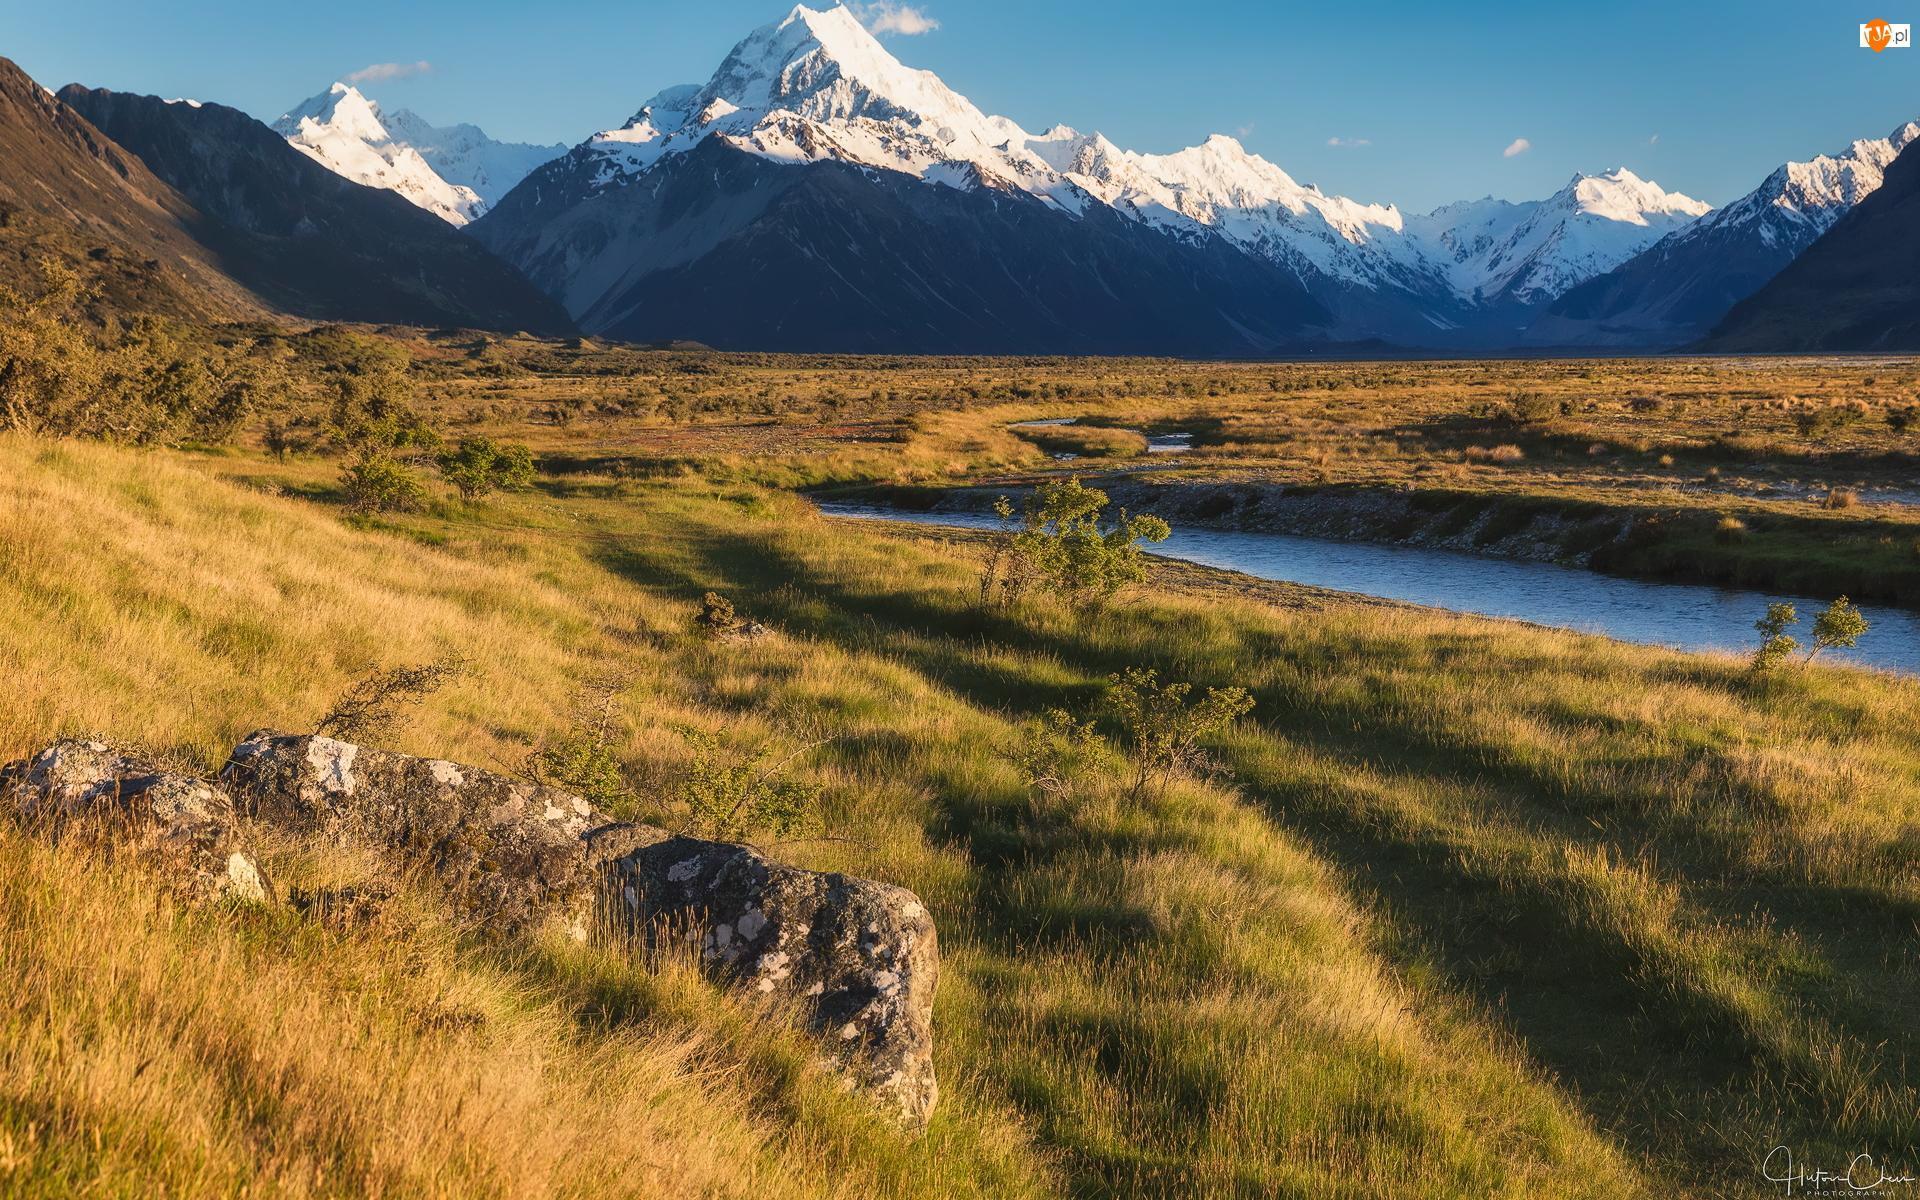 Rzeka, Tasman River, Nowa Zelandia, Góra Cooka, Trawa, Drzewa, Skały